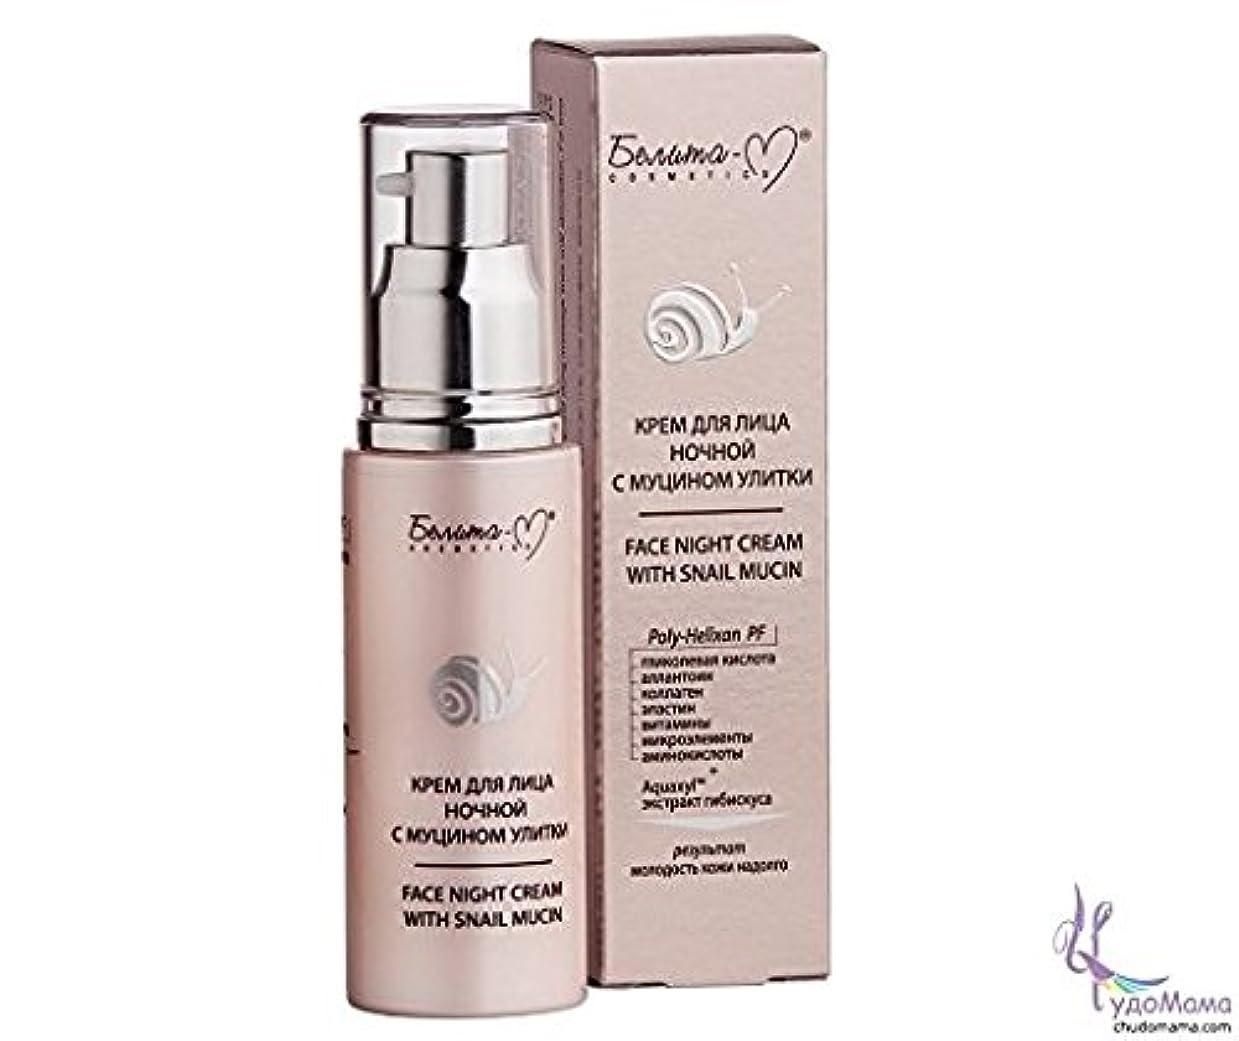 アラビア語セレナベアリングNight Moisturizer for Face with Snail Extract, Hyaluronic Acid, and Peptides, Cream- Moisturizer for Dry Skin, 50 g - GUARANTEED?